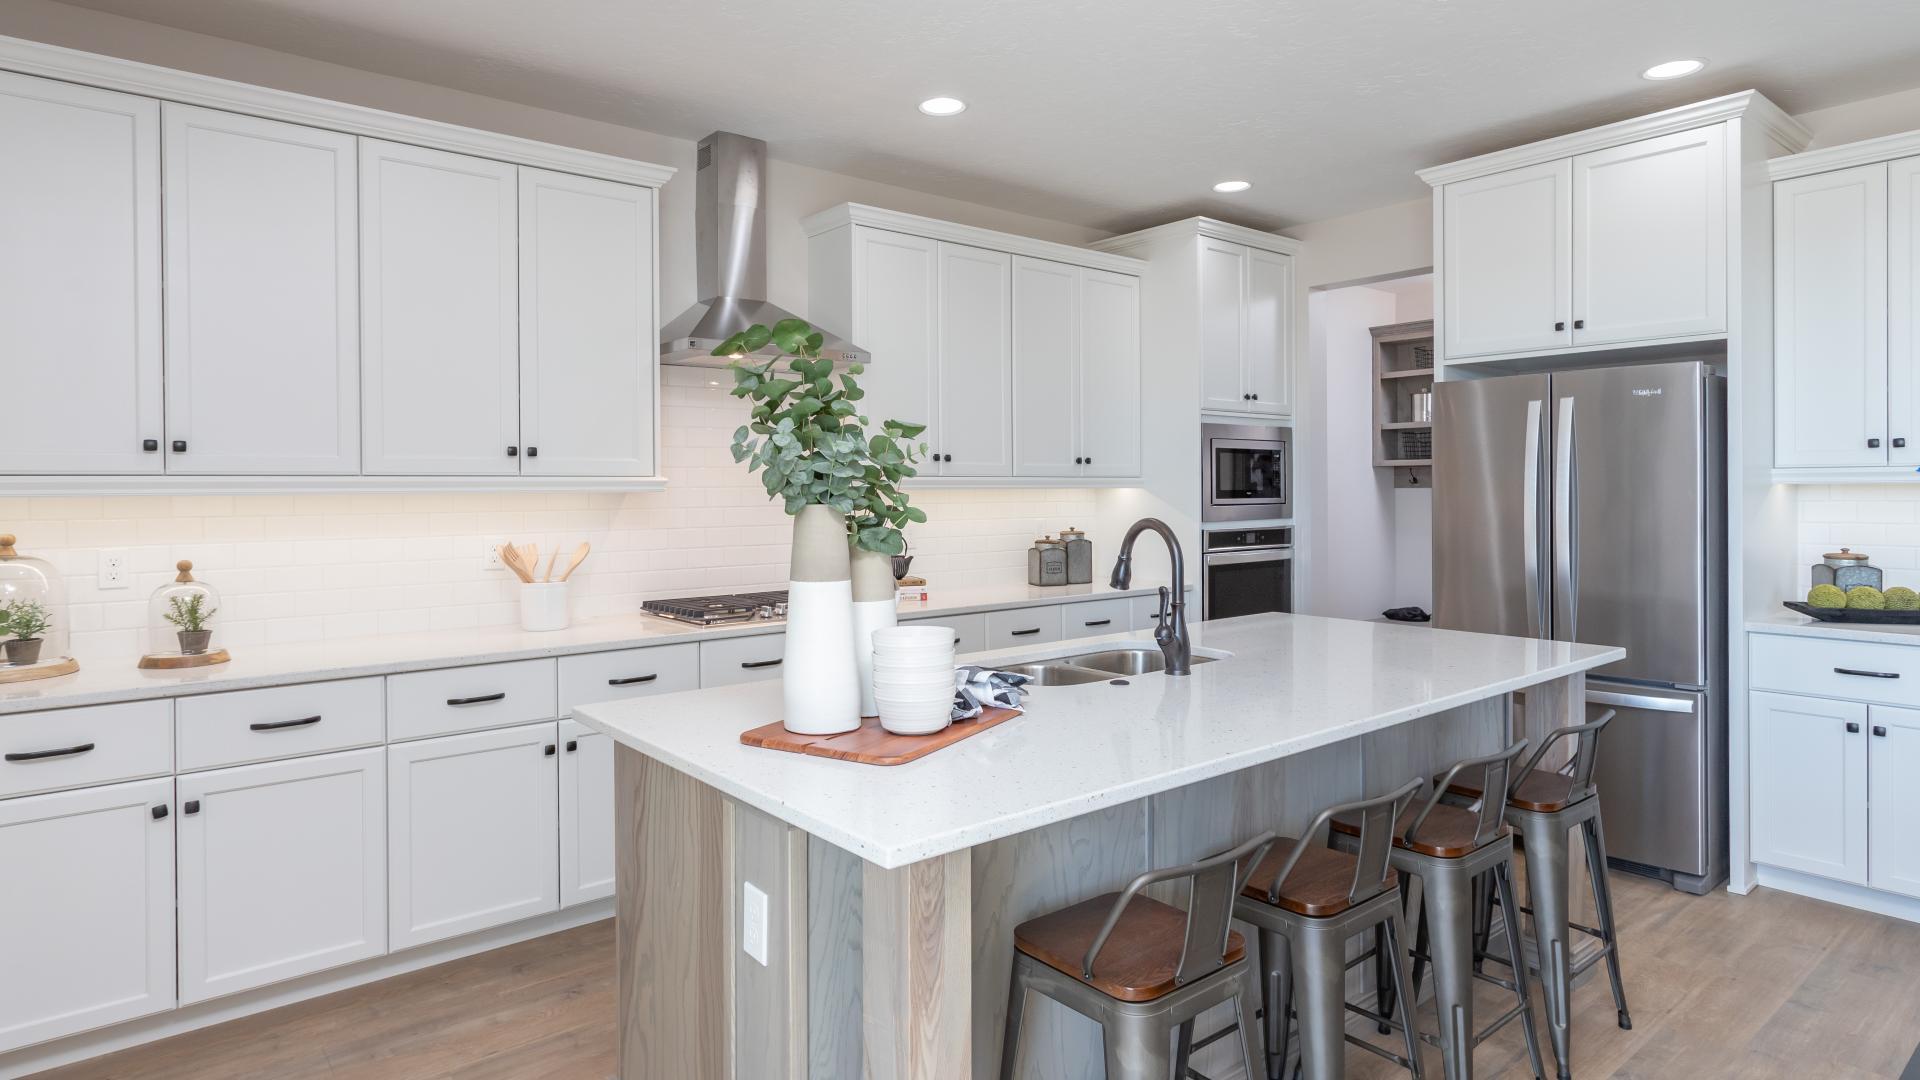 Spacious kitchen space